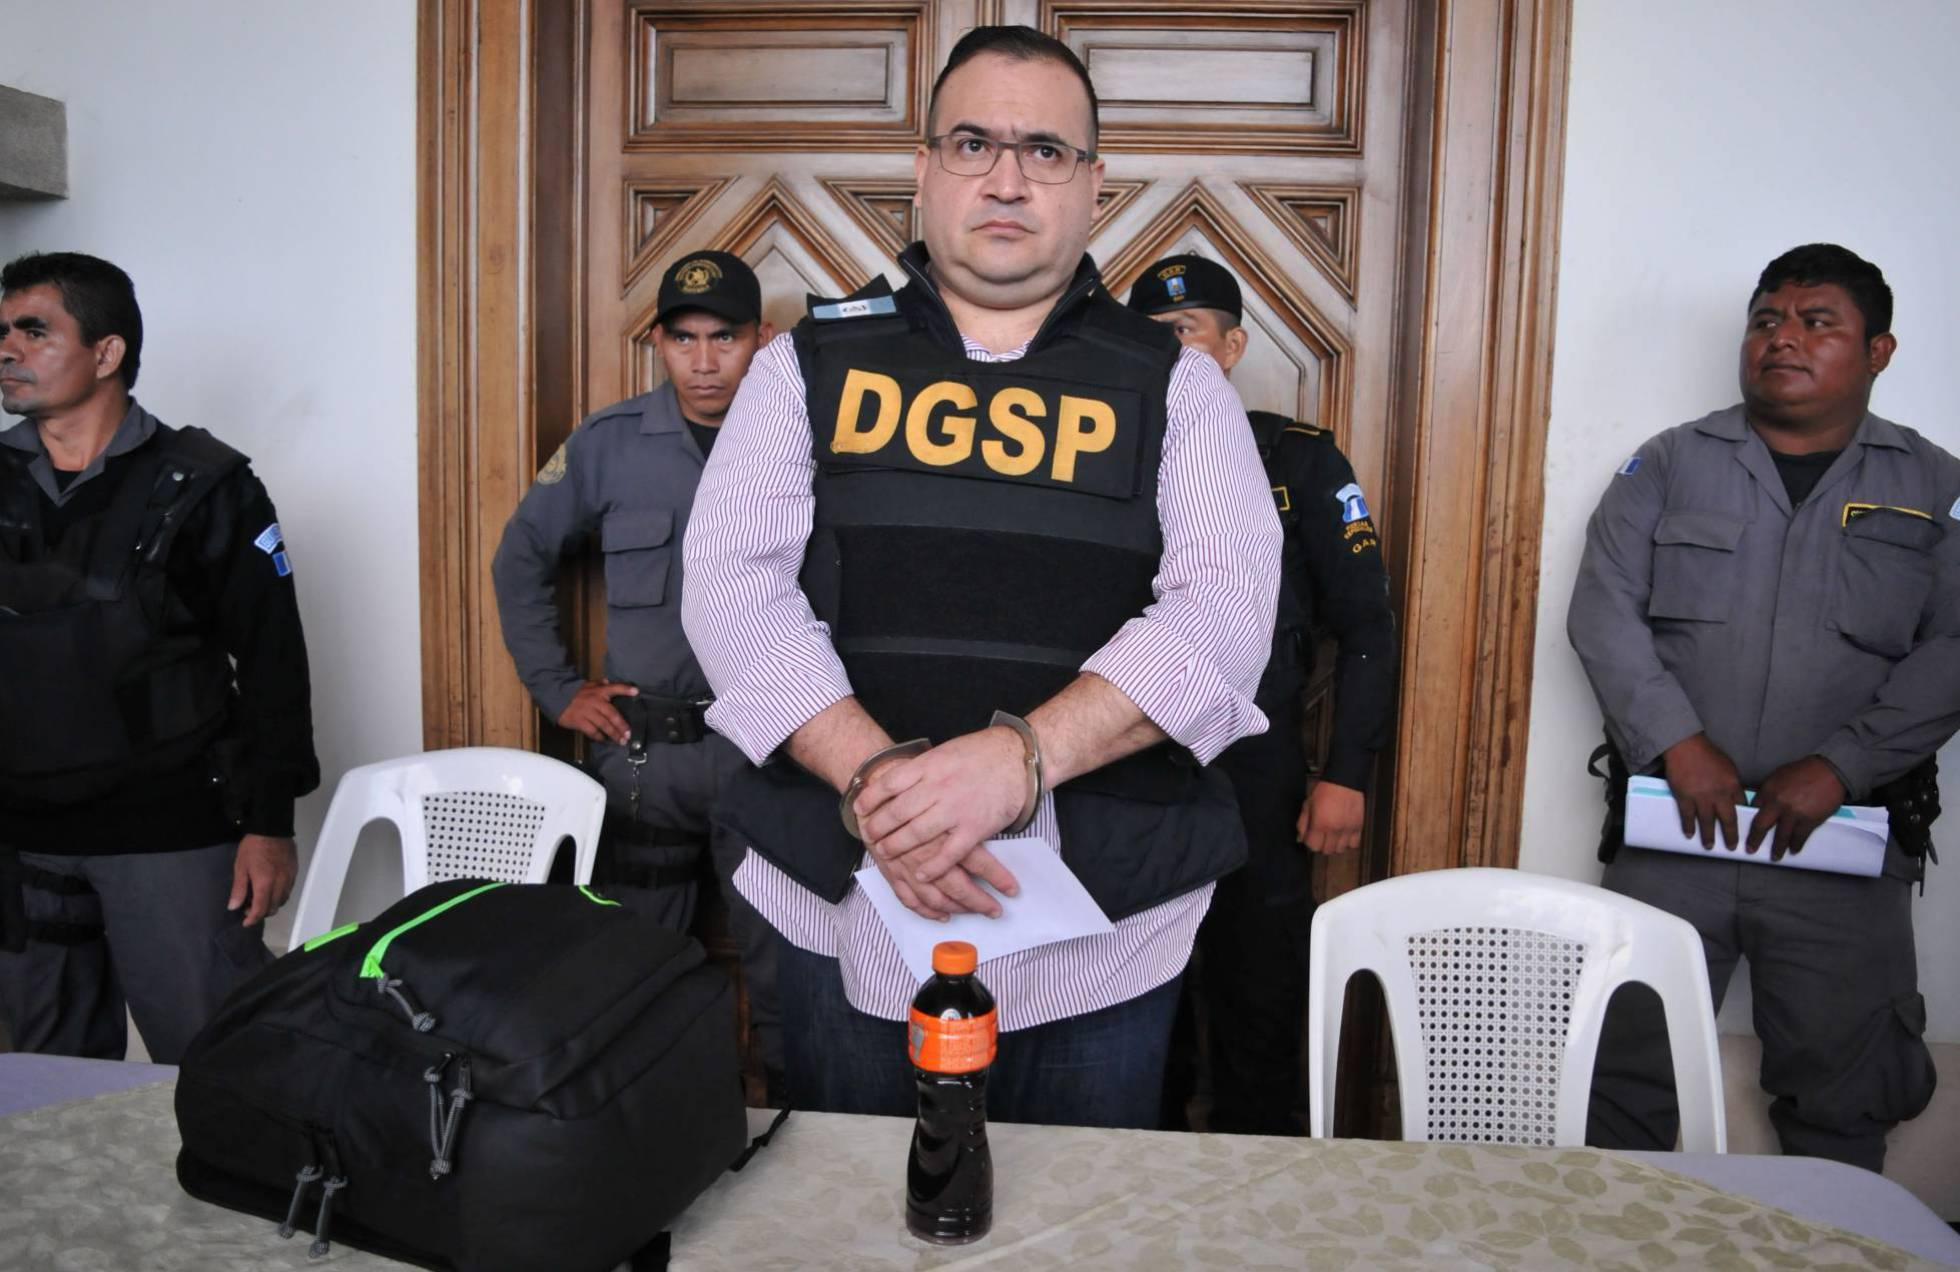 La liberación de la cúpula de Duarte evidencia las carencias de la lucha anticorrupción en México